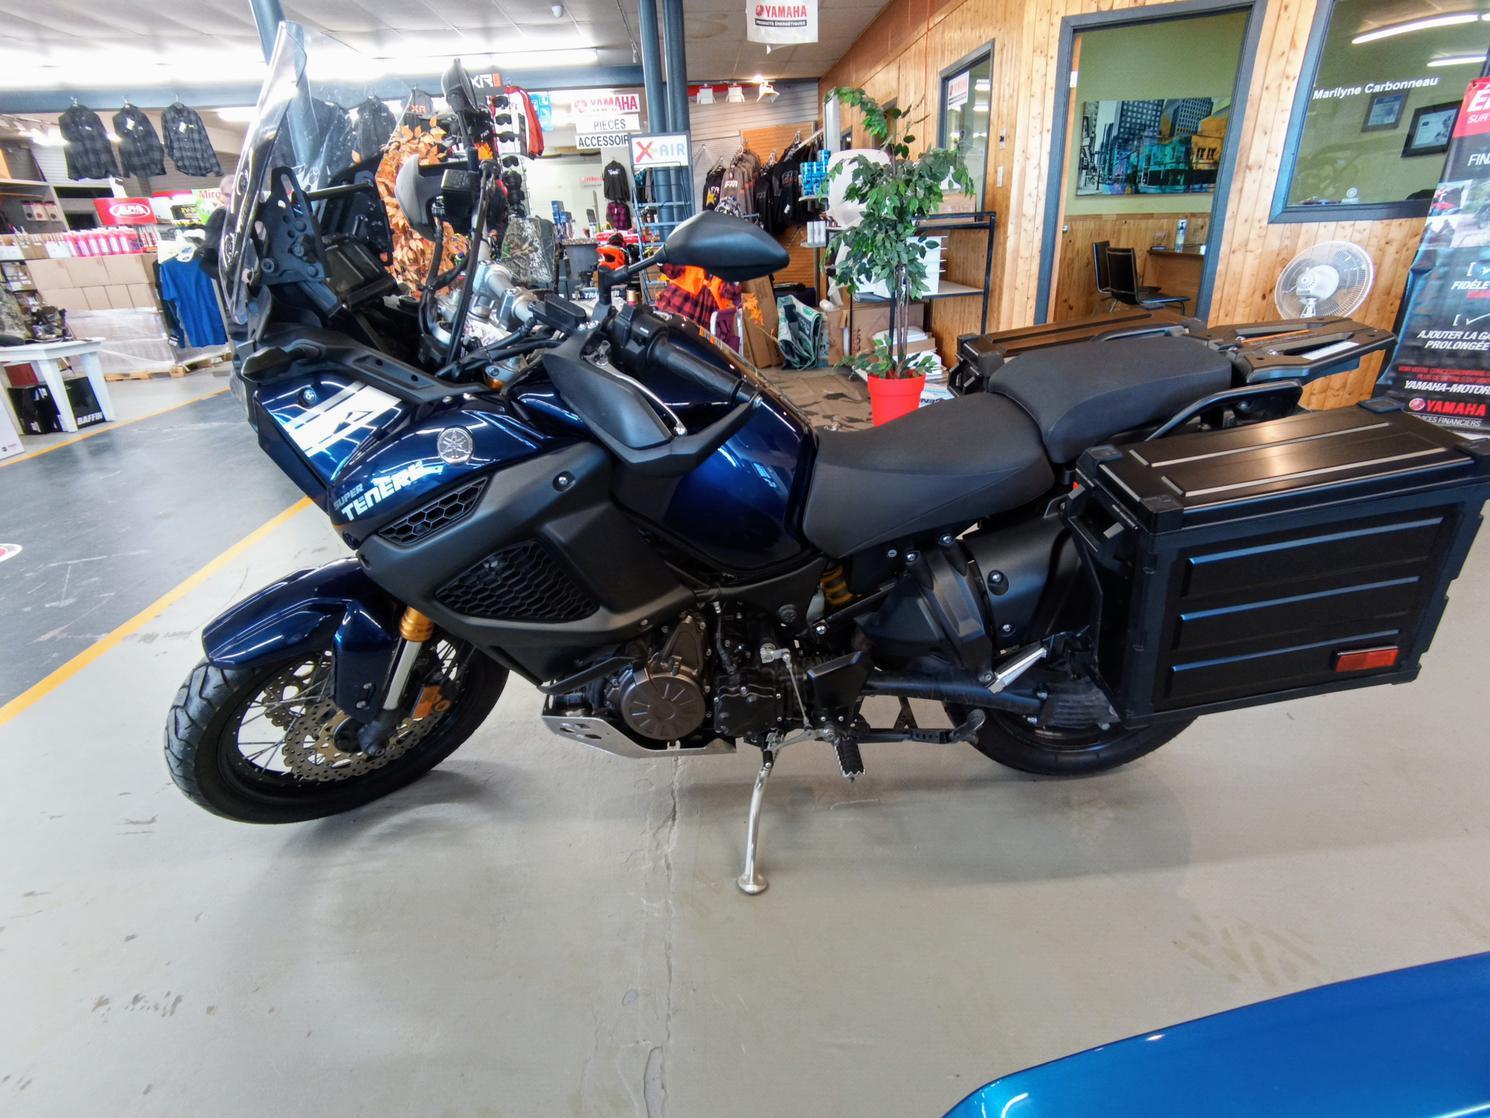 Yamaha Super Ténéré - XT1200Z 2017